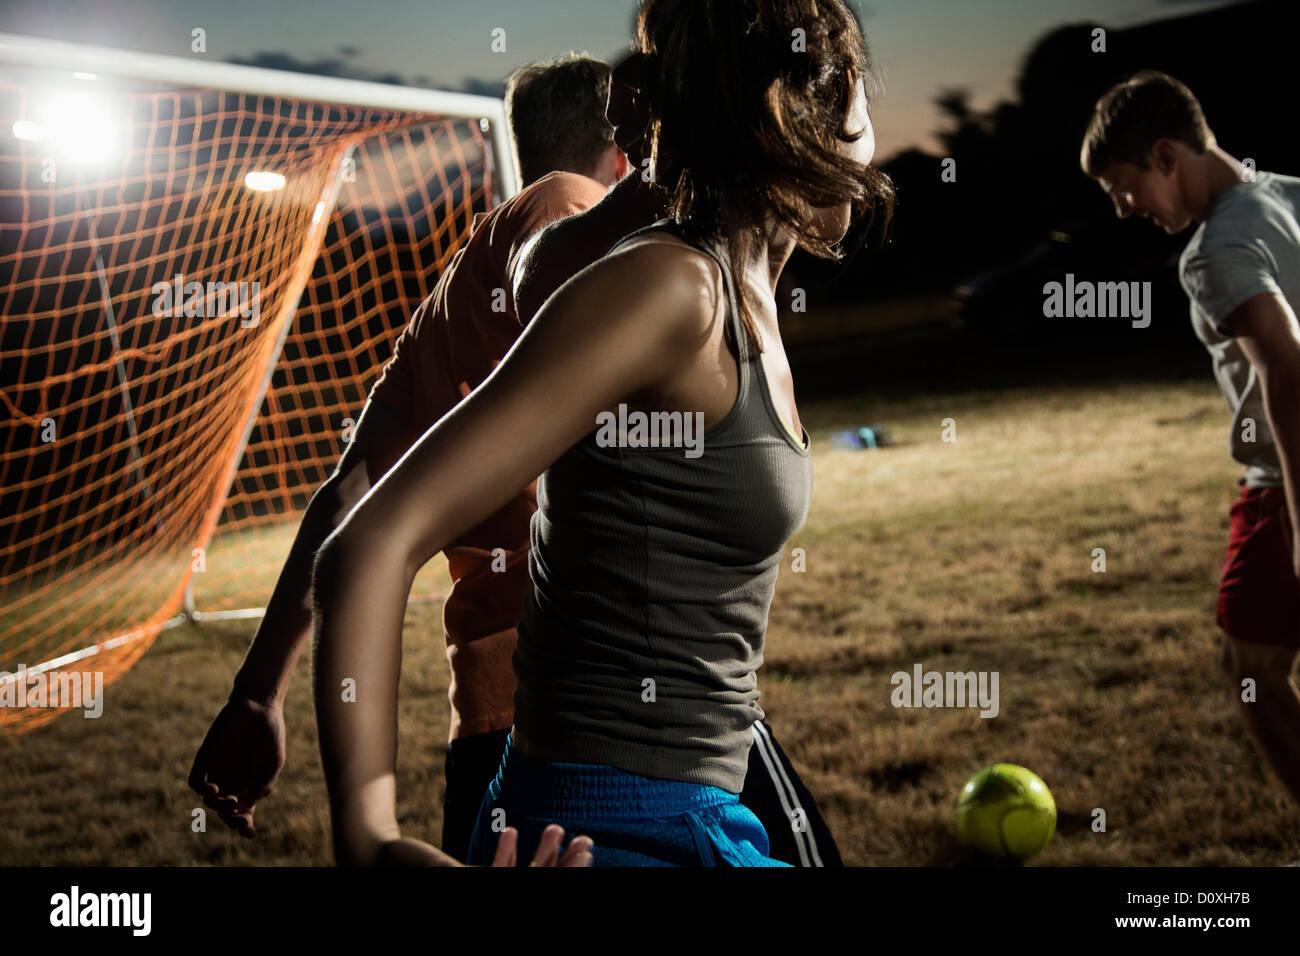 Amigos jugando al fútbol en la noche Imagen De Stock